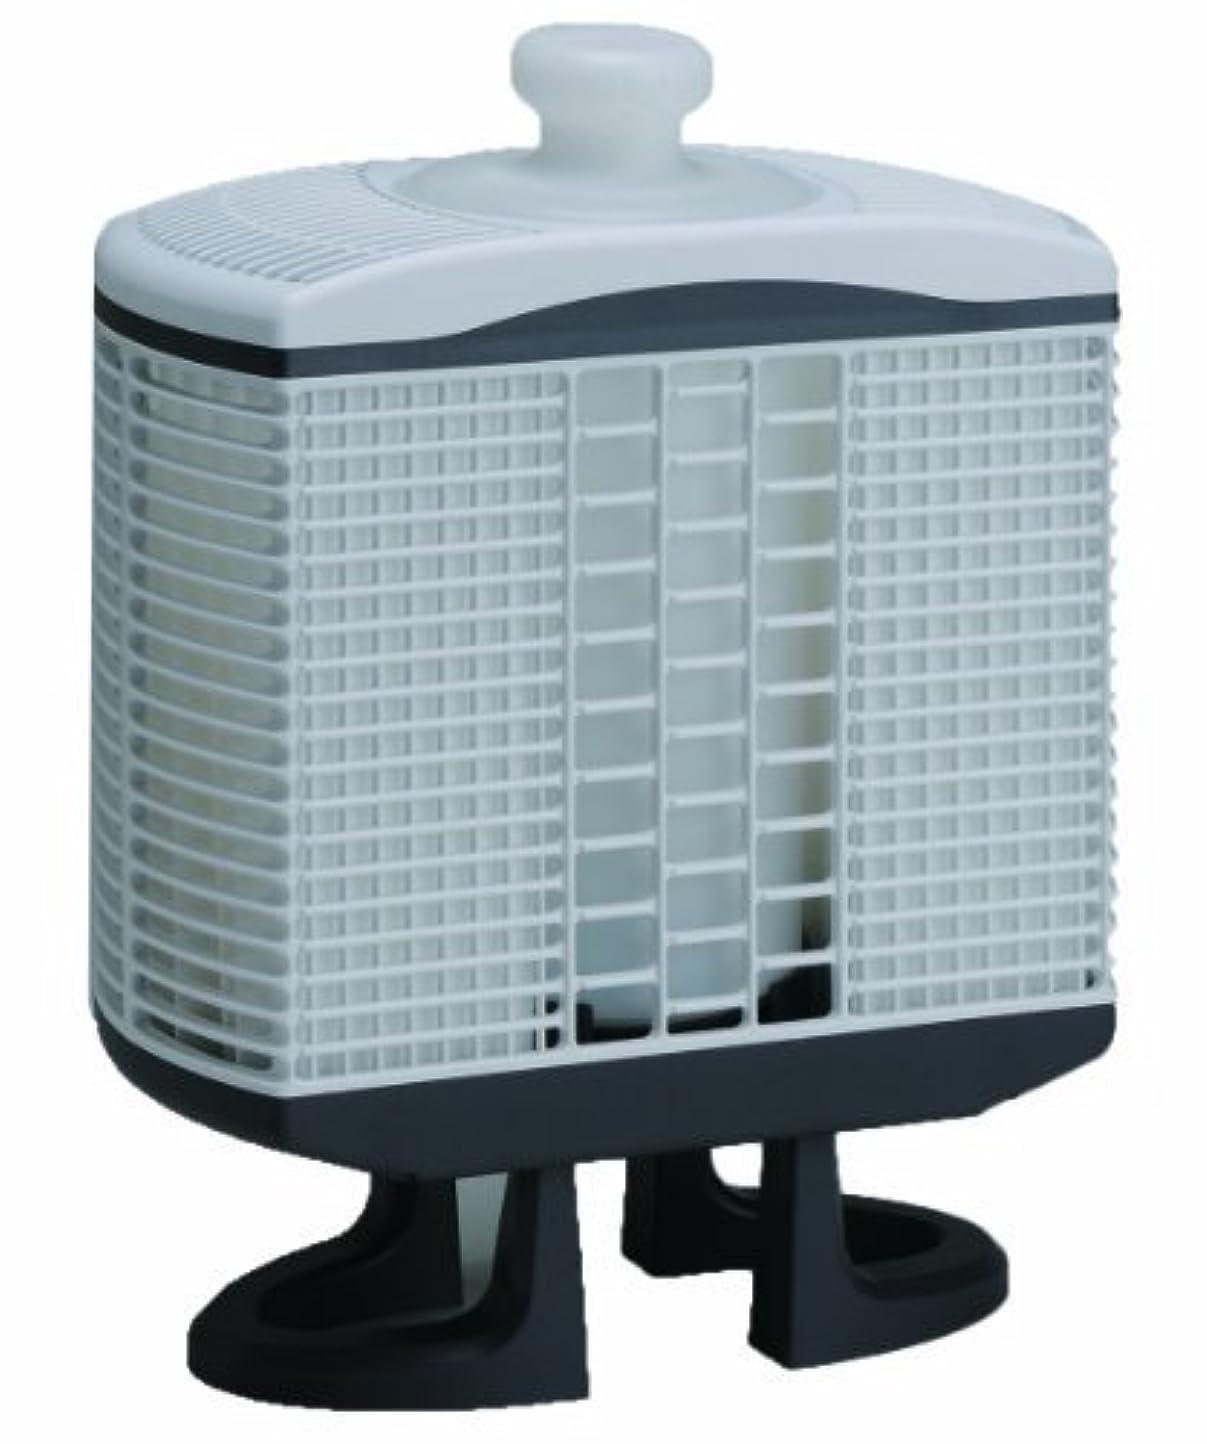 俳句タップ通常セイエイ (Seiei) 電気を使わない加湿器 ガイアモパーソナルタイプ 【まとめ買い3個セット】